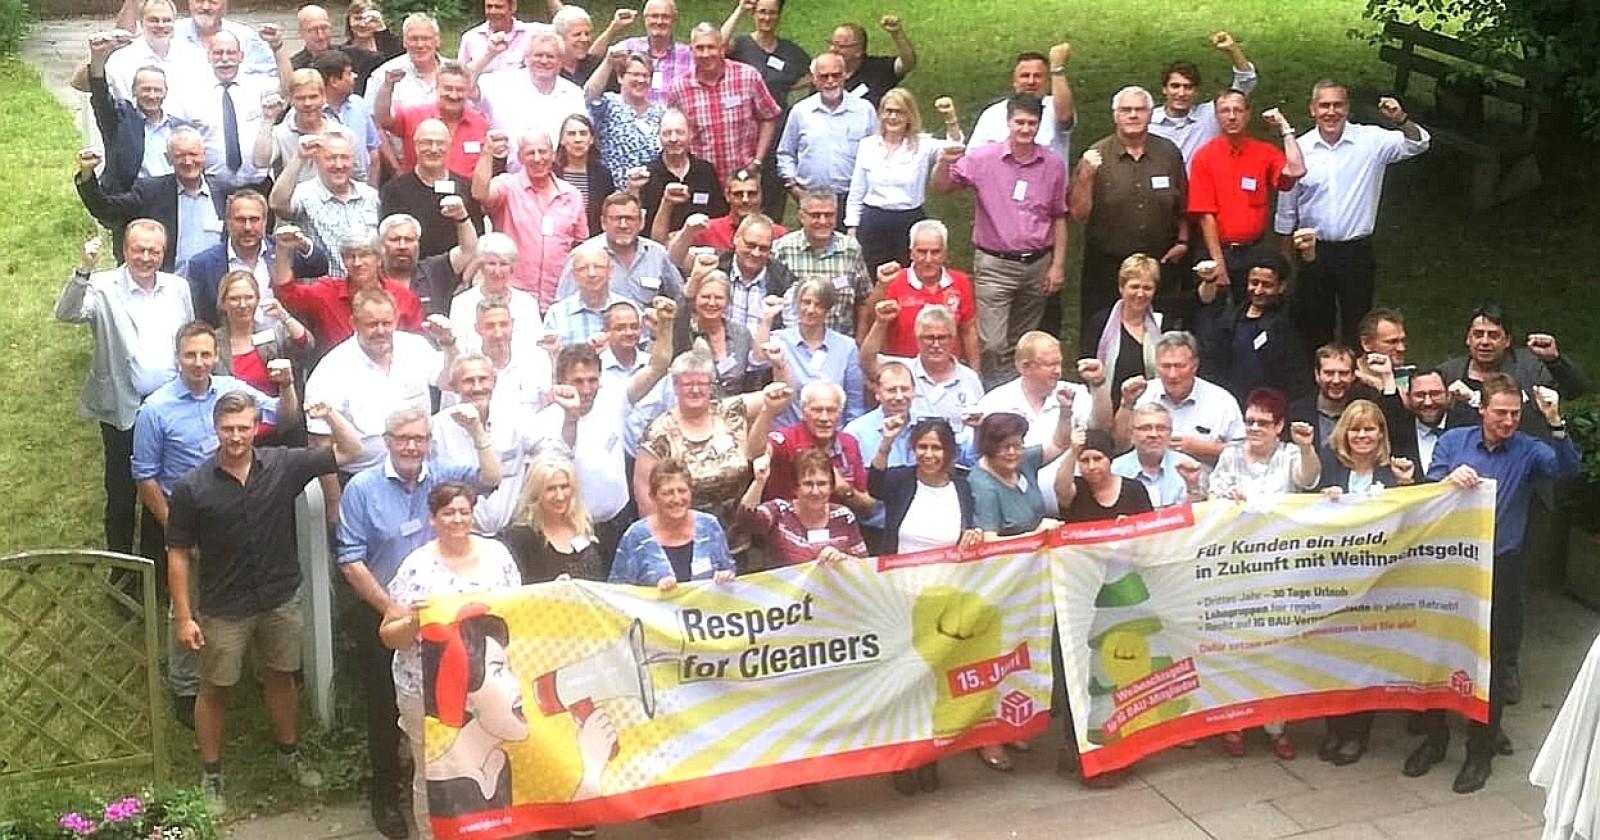 Der Gewerkschaftsbeirat der IG BAU erklärt sich solidarisch mit den Kolleginnen und Kollegen im Gebäudereiniger-Handwerk